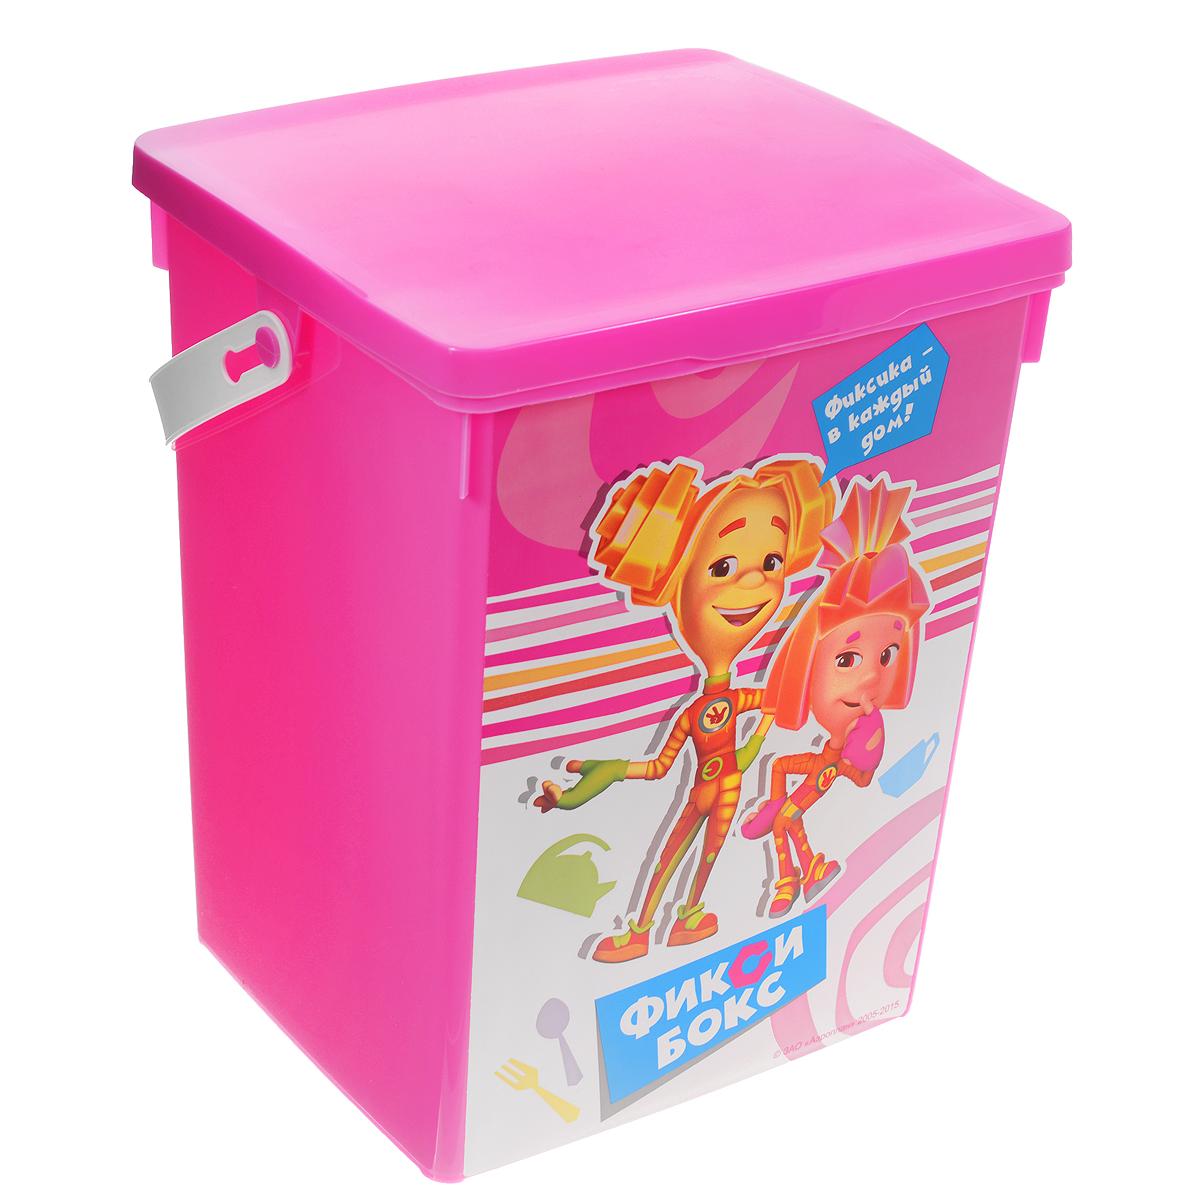 Контейнер для игрушек Полимербыт Фиксики, цвет: розовый, 5 лС49322Контейнер Полимербыт Фиксики выполнен из высококачественного цветного пластика и предназначен для хранения небольших игрушек. Контейнер декорирован красочным изображением героев одноименного мультика Фиксики. Для удобства переноски имеется специальная пластиковая ручка. Контейнер плотно закрывается крышкой. Контейнер Полимербыт Фиксики очень вместителен и поможет вам хранить все необходимые мелочи в одном месте.